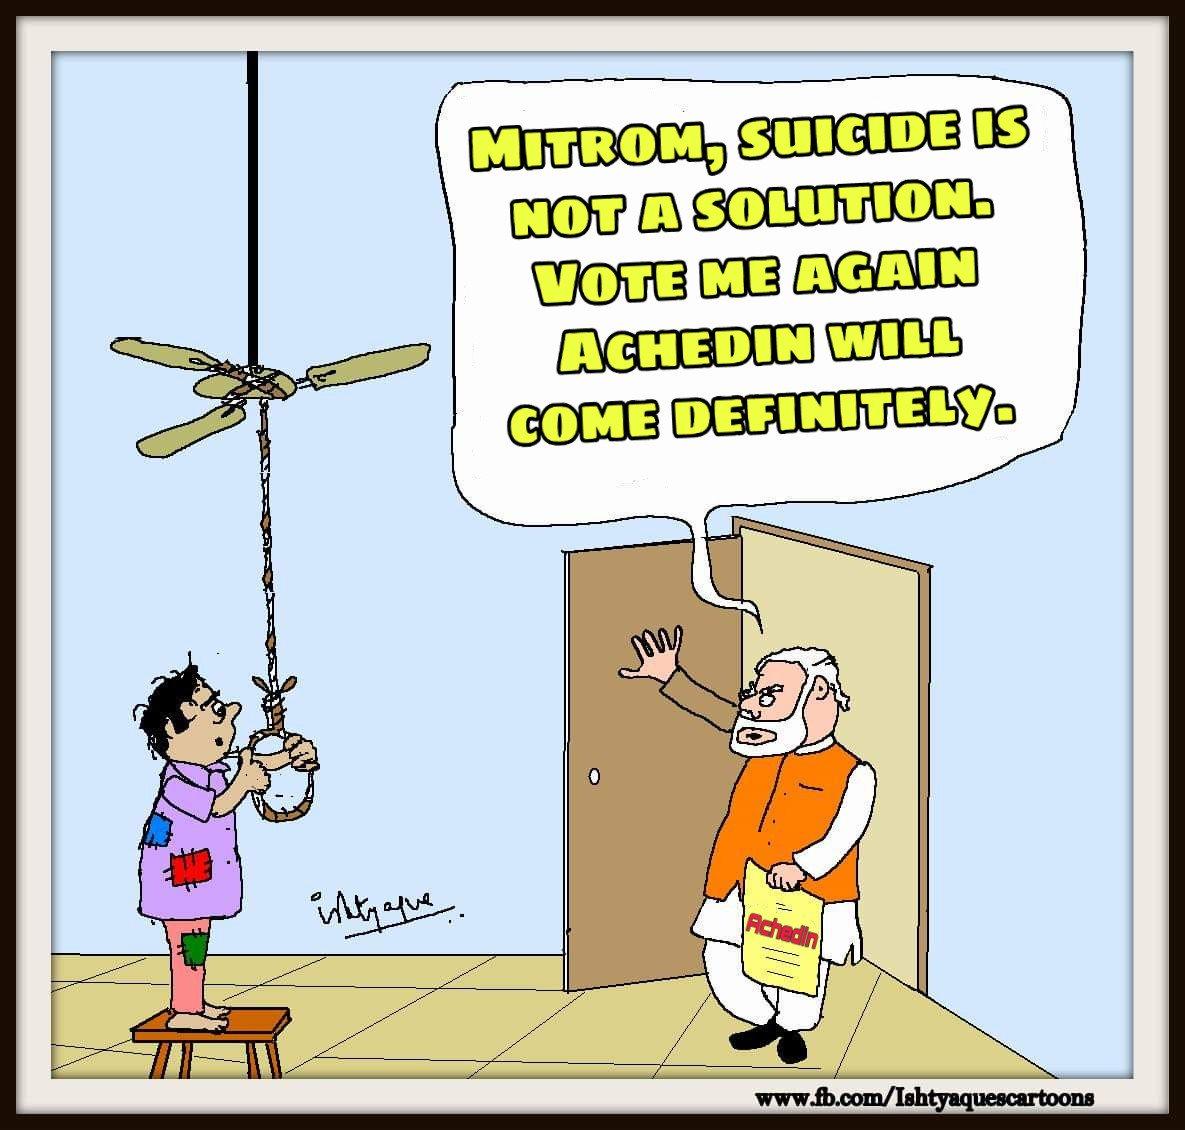 मितरों गोदी मीडिया और झूठ तंत्र को ये बात अच्छी तरह समझ लेनी चाहिये,कि CBI और ED के दम पे सरकार चलायी जा सकती है, लेकिन बनायी नहीं जा सकती. #RafaleScam #MiddlemanModi #ChowkidarHiChorHai #BJP_भगाओ_देश_बचाओ